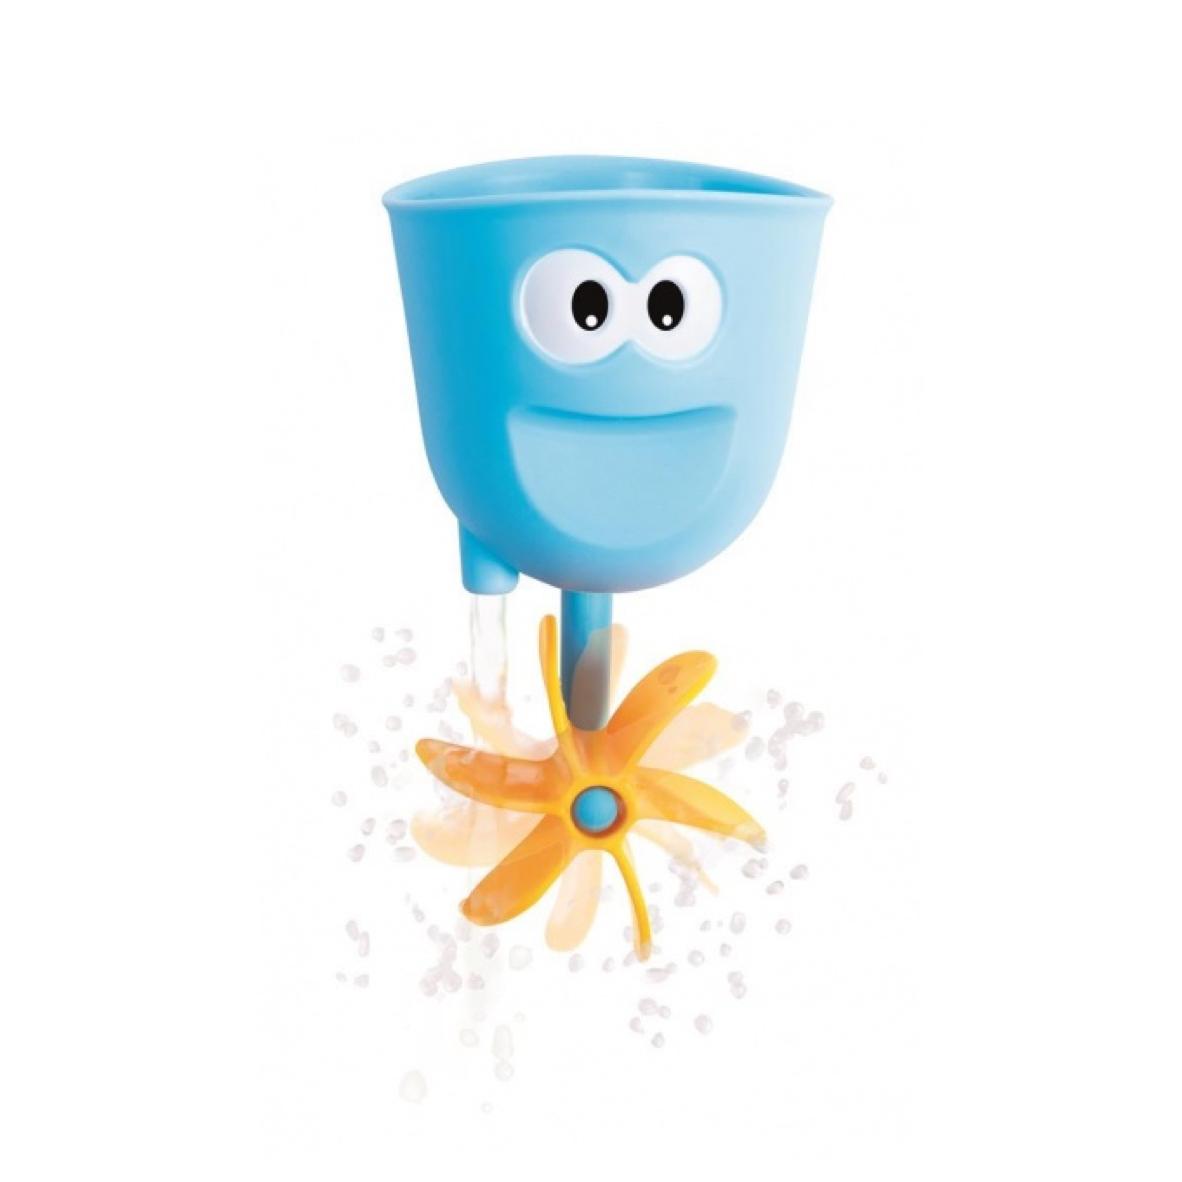 grifo-y-vasitos-divertidos-yookidoo-el-mundo-de-mico4